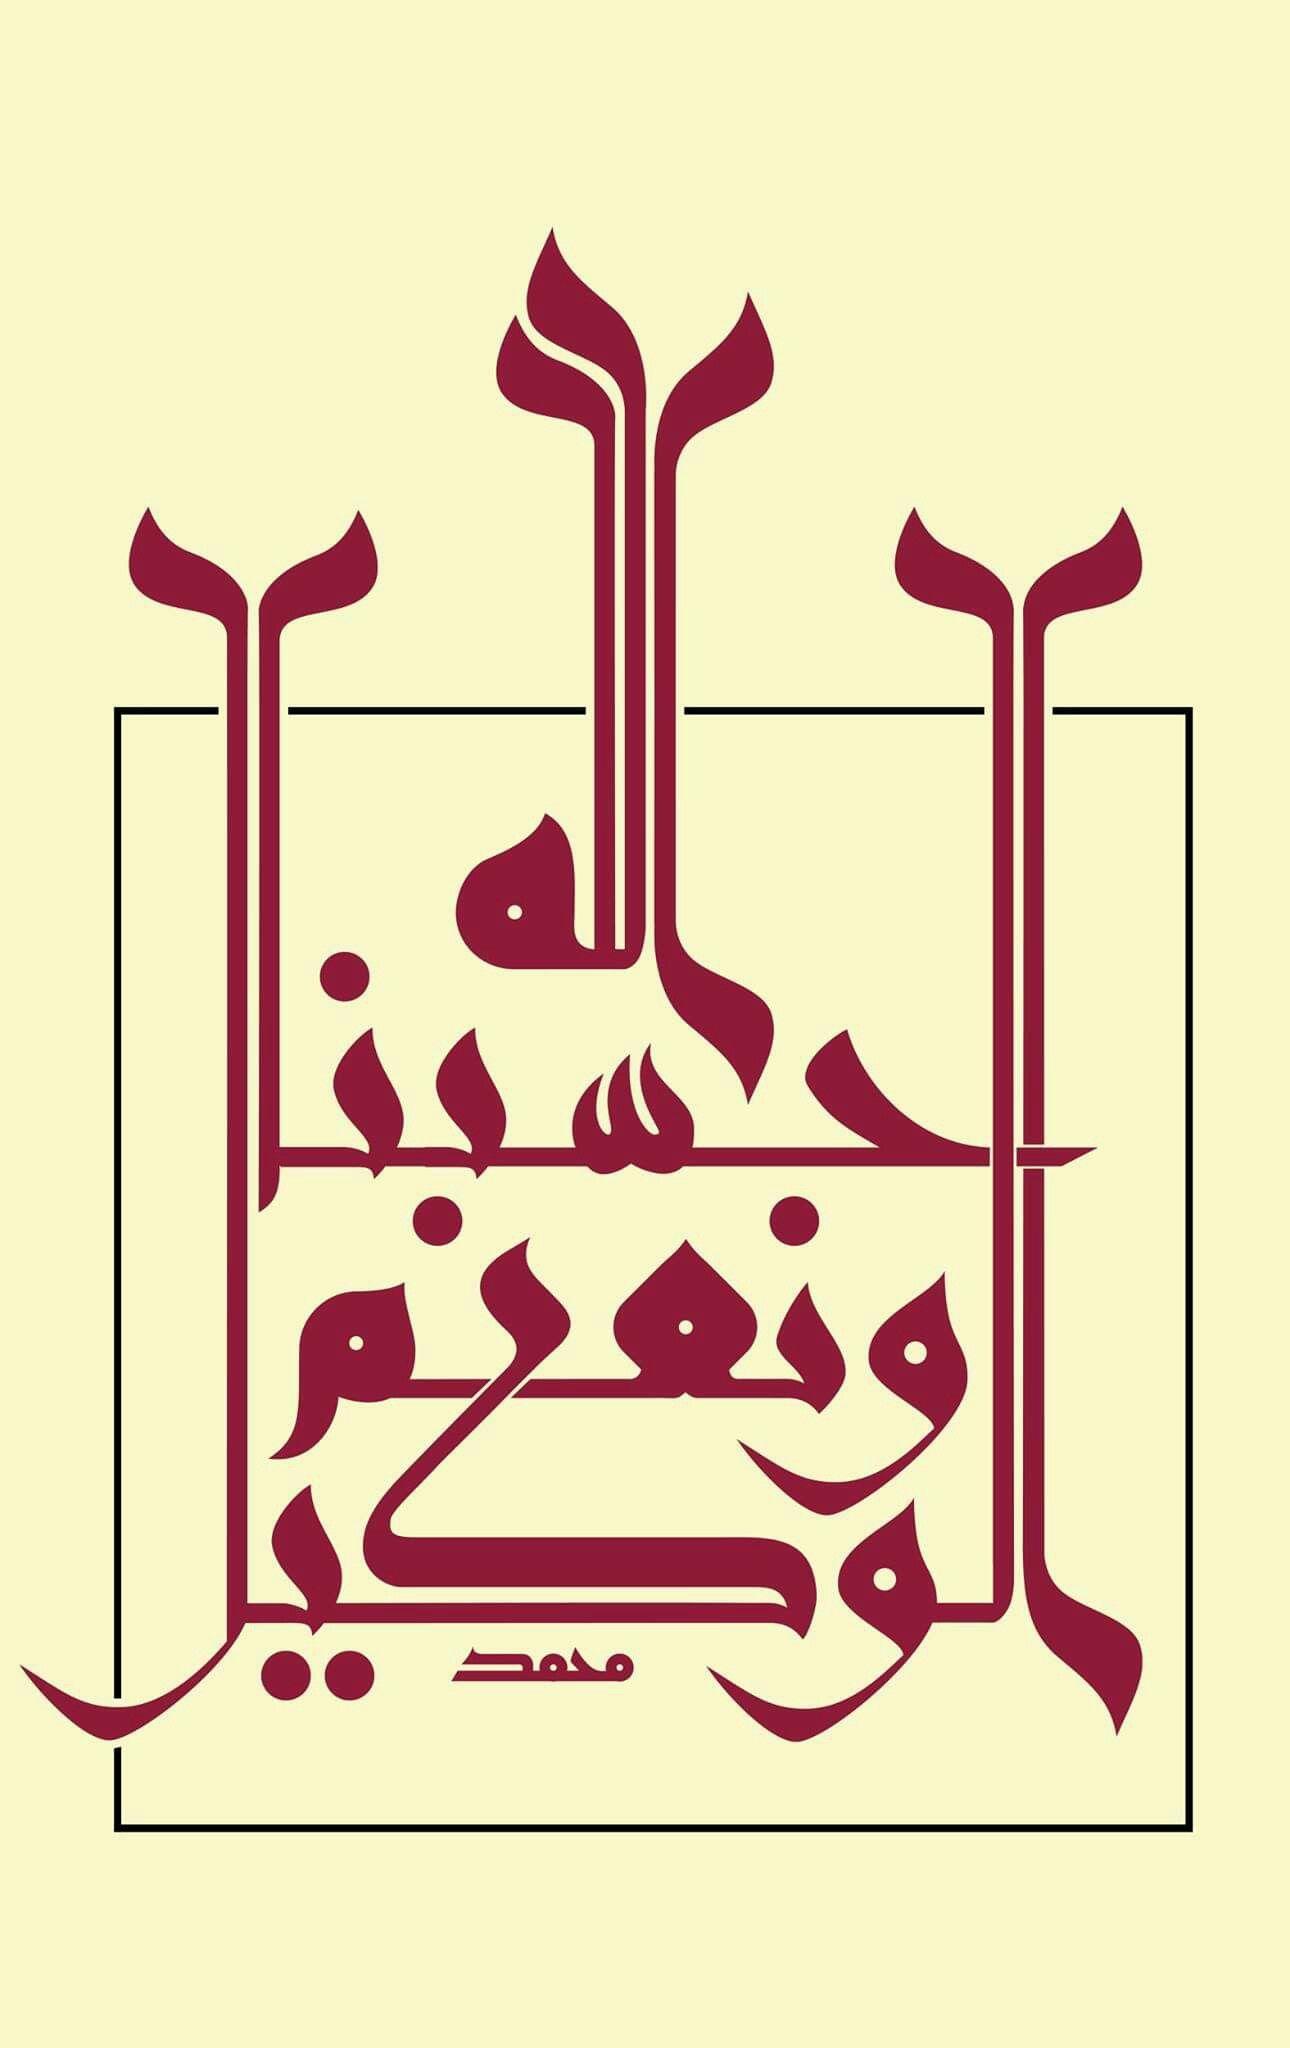 abdullah bulum adlı kullanıcının حسبنا panosundaki Pin